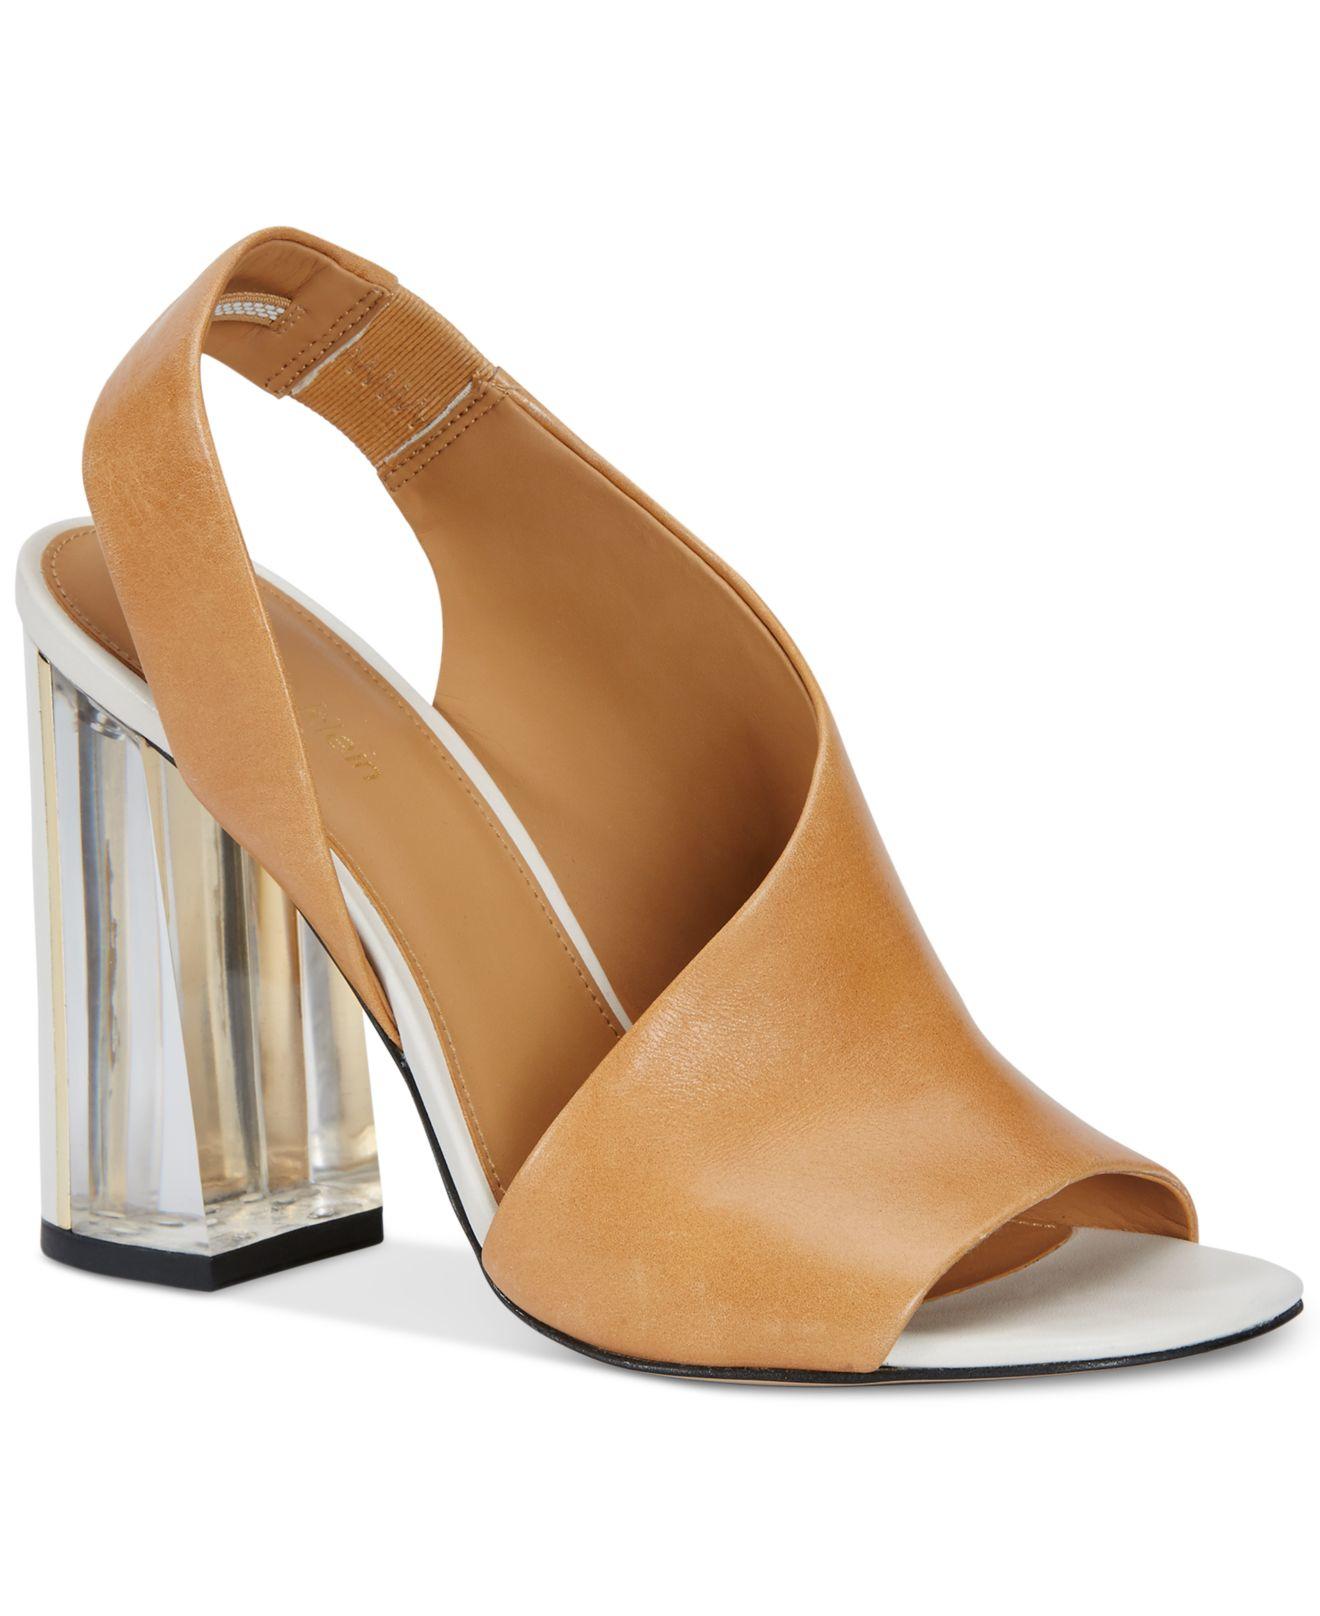 Womens brown dress sandals